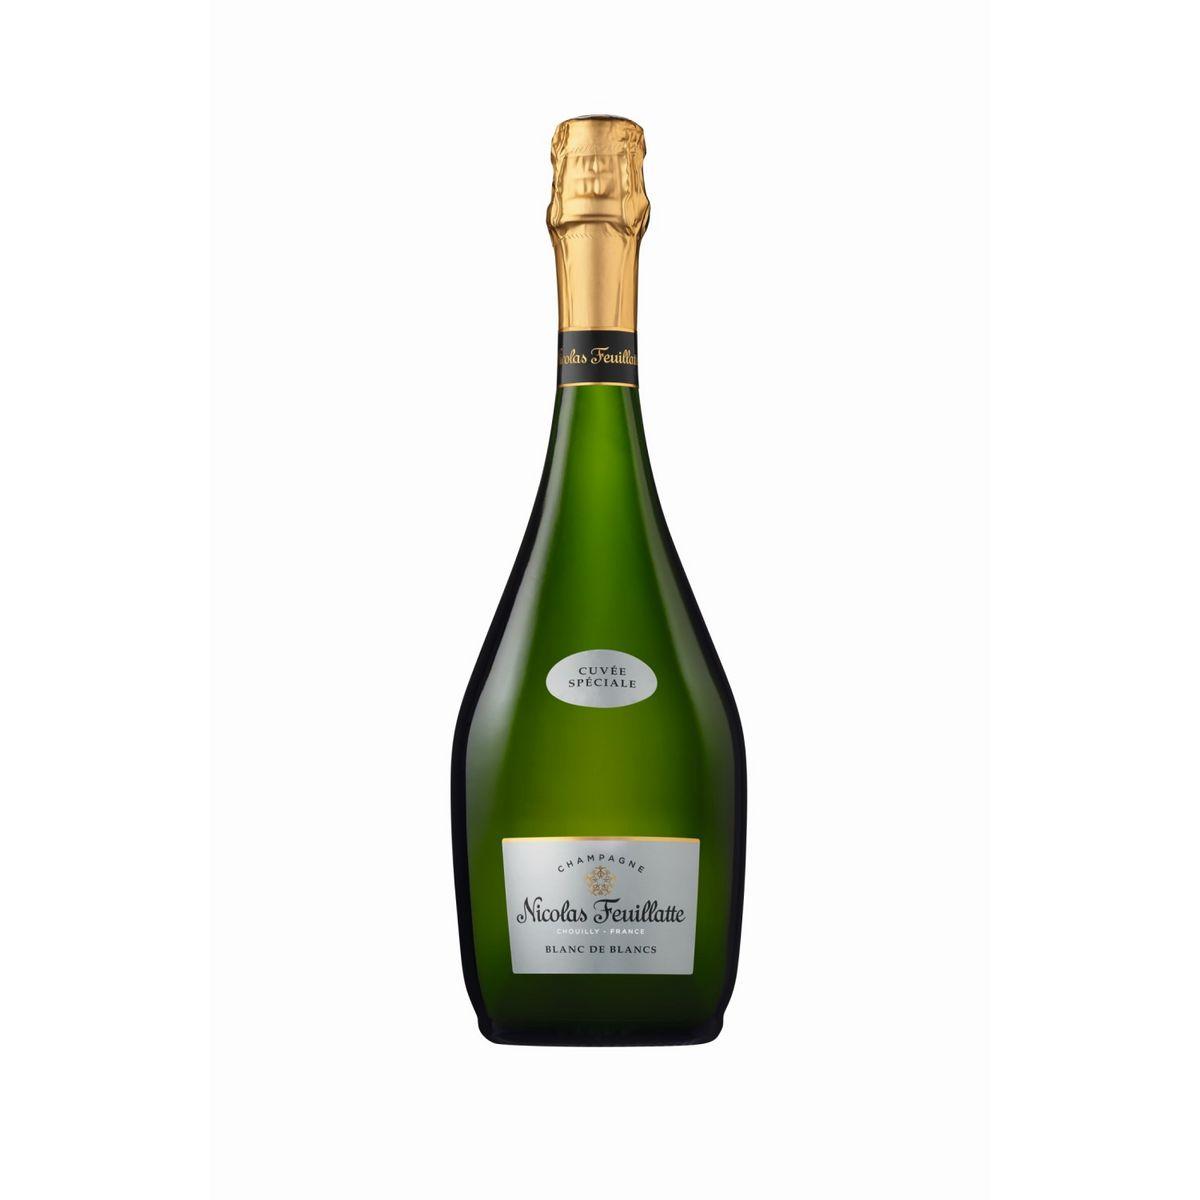 AOP Champagne Nicolas Feuillatte Blanc de Blancs cuvée spéciale